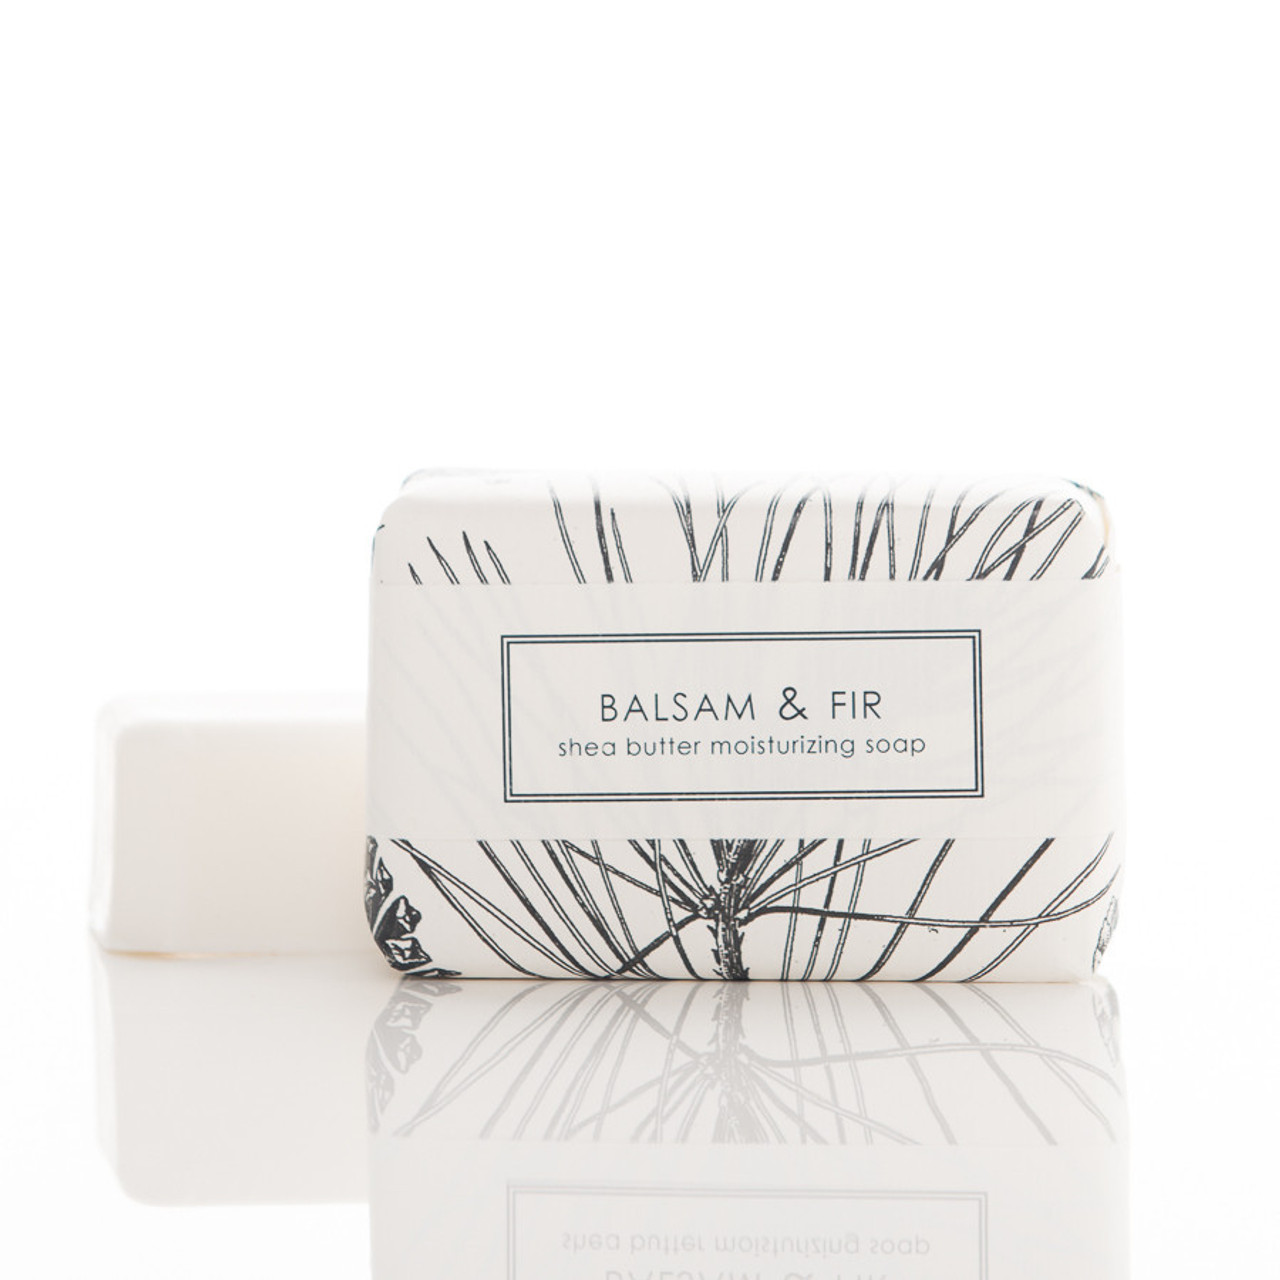 Balsam and Fir Shea Butter Soap